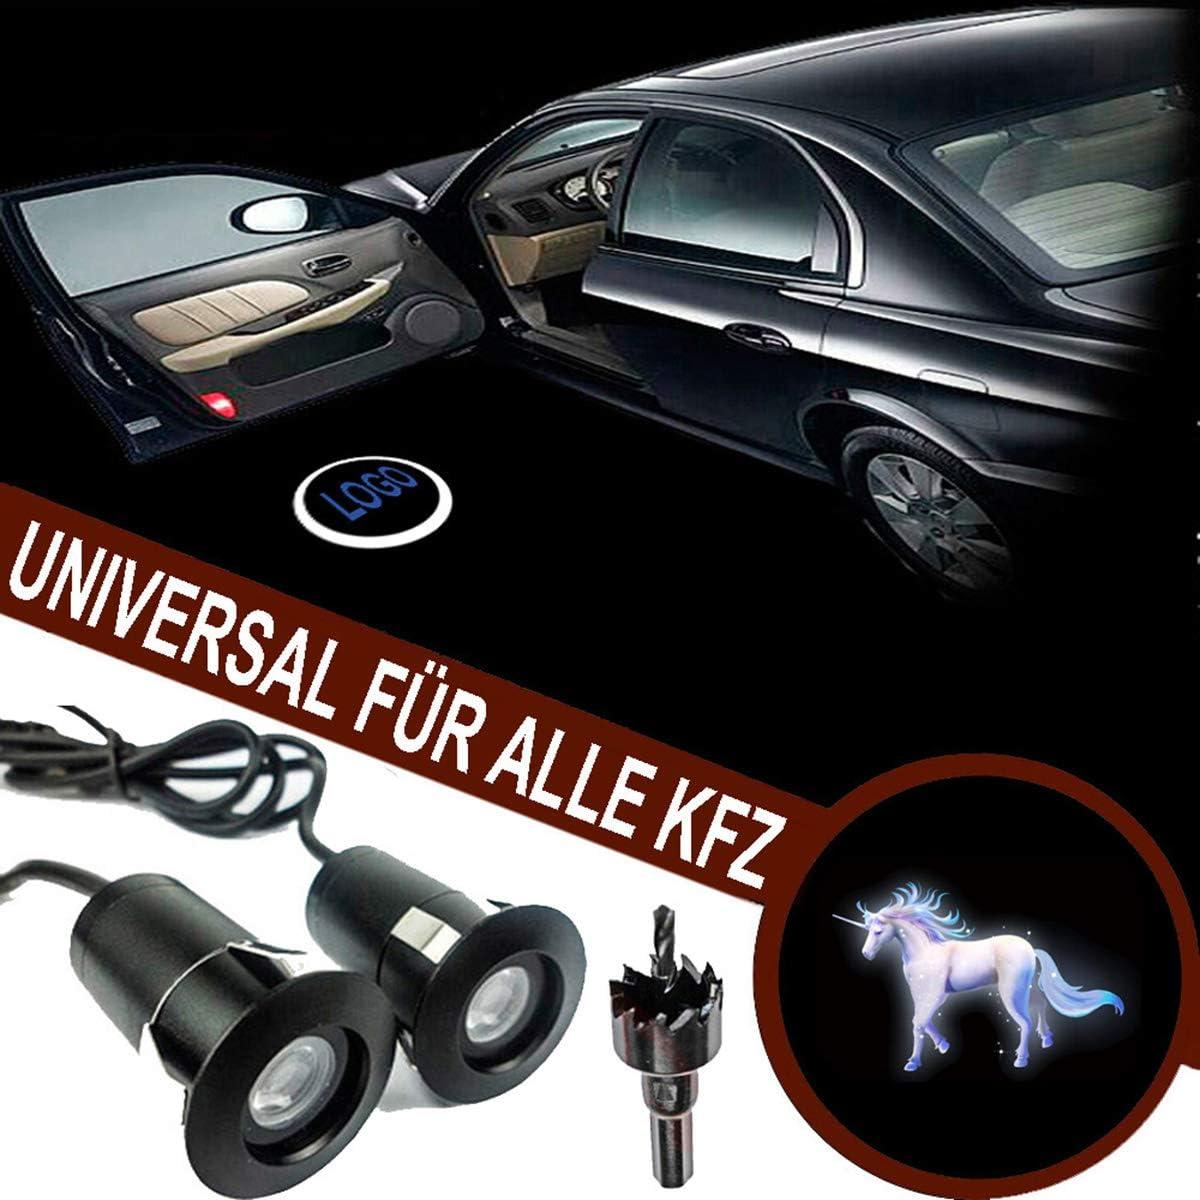 Folgemir Autotür Logo Licht 12v Led Projektor Ghost Shadow Willkommen Einstiegsbeleuchtung 5th Gen Geist Schatten Lampe Universal For Alle Kfz Auto